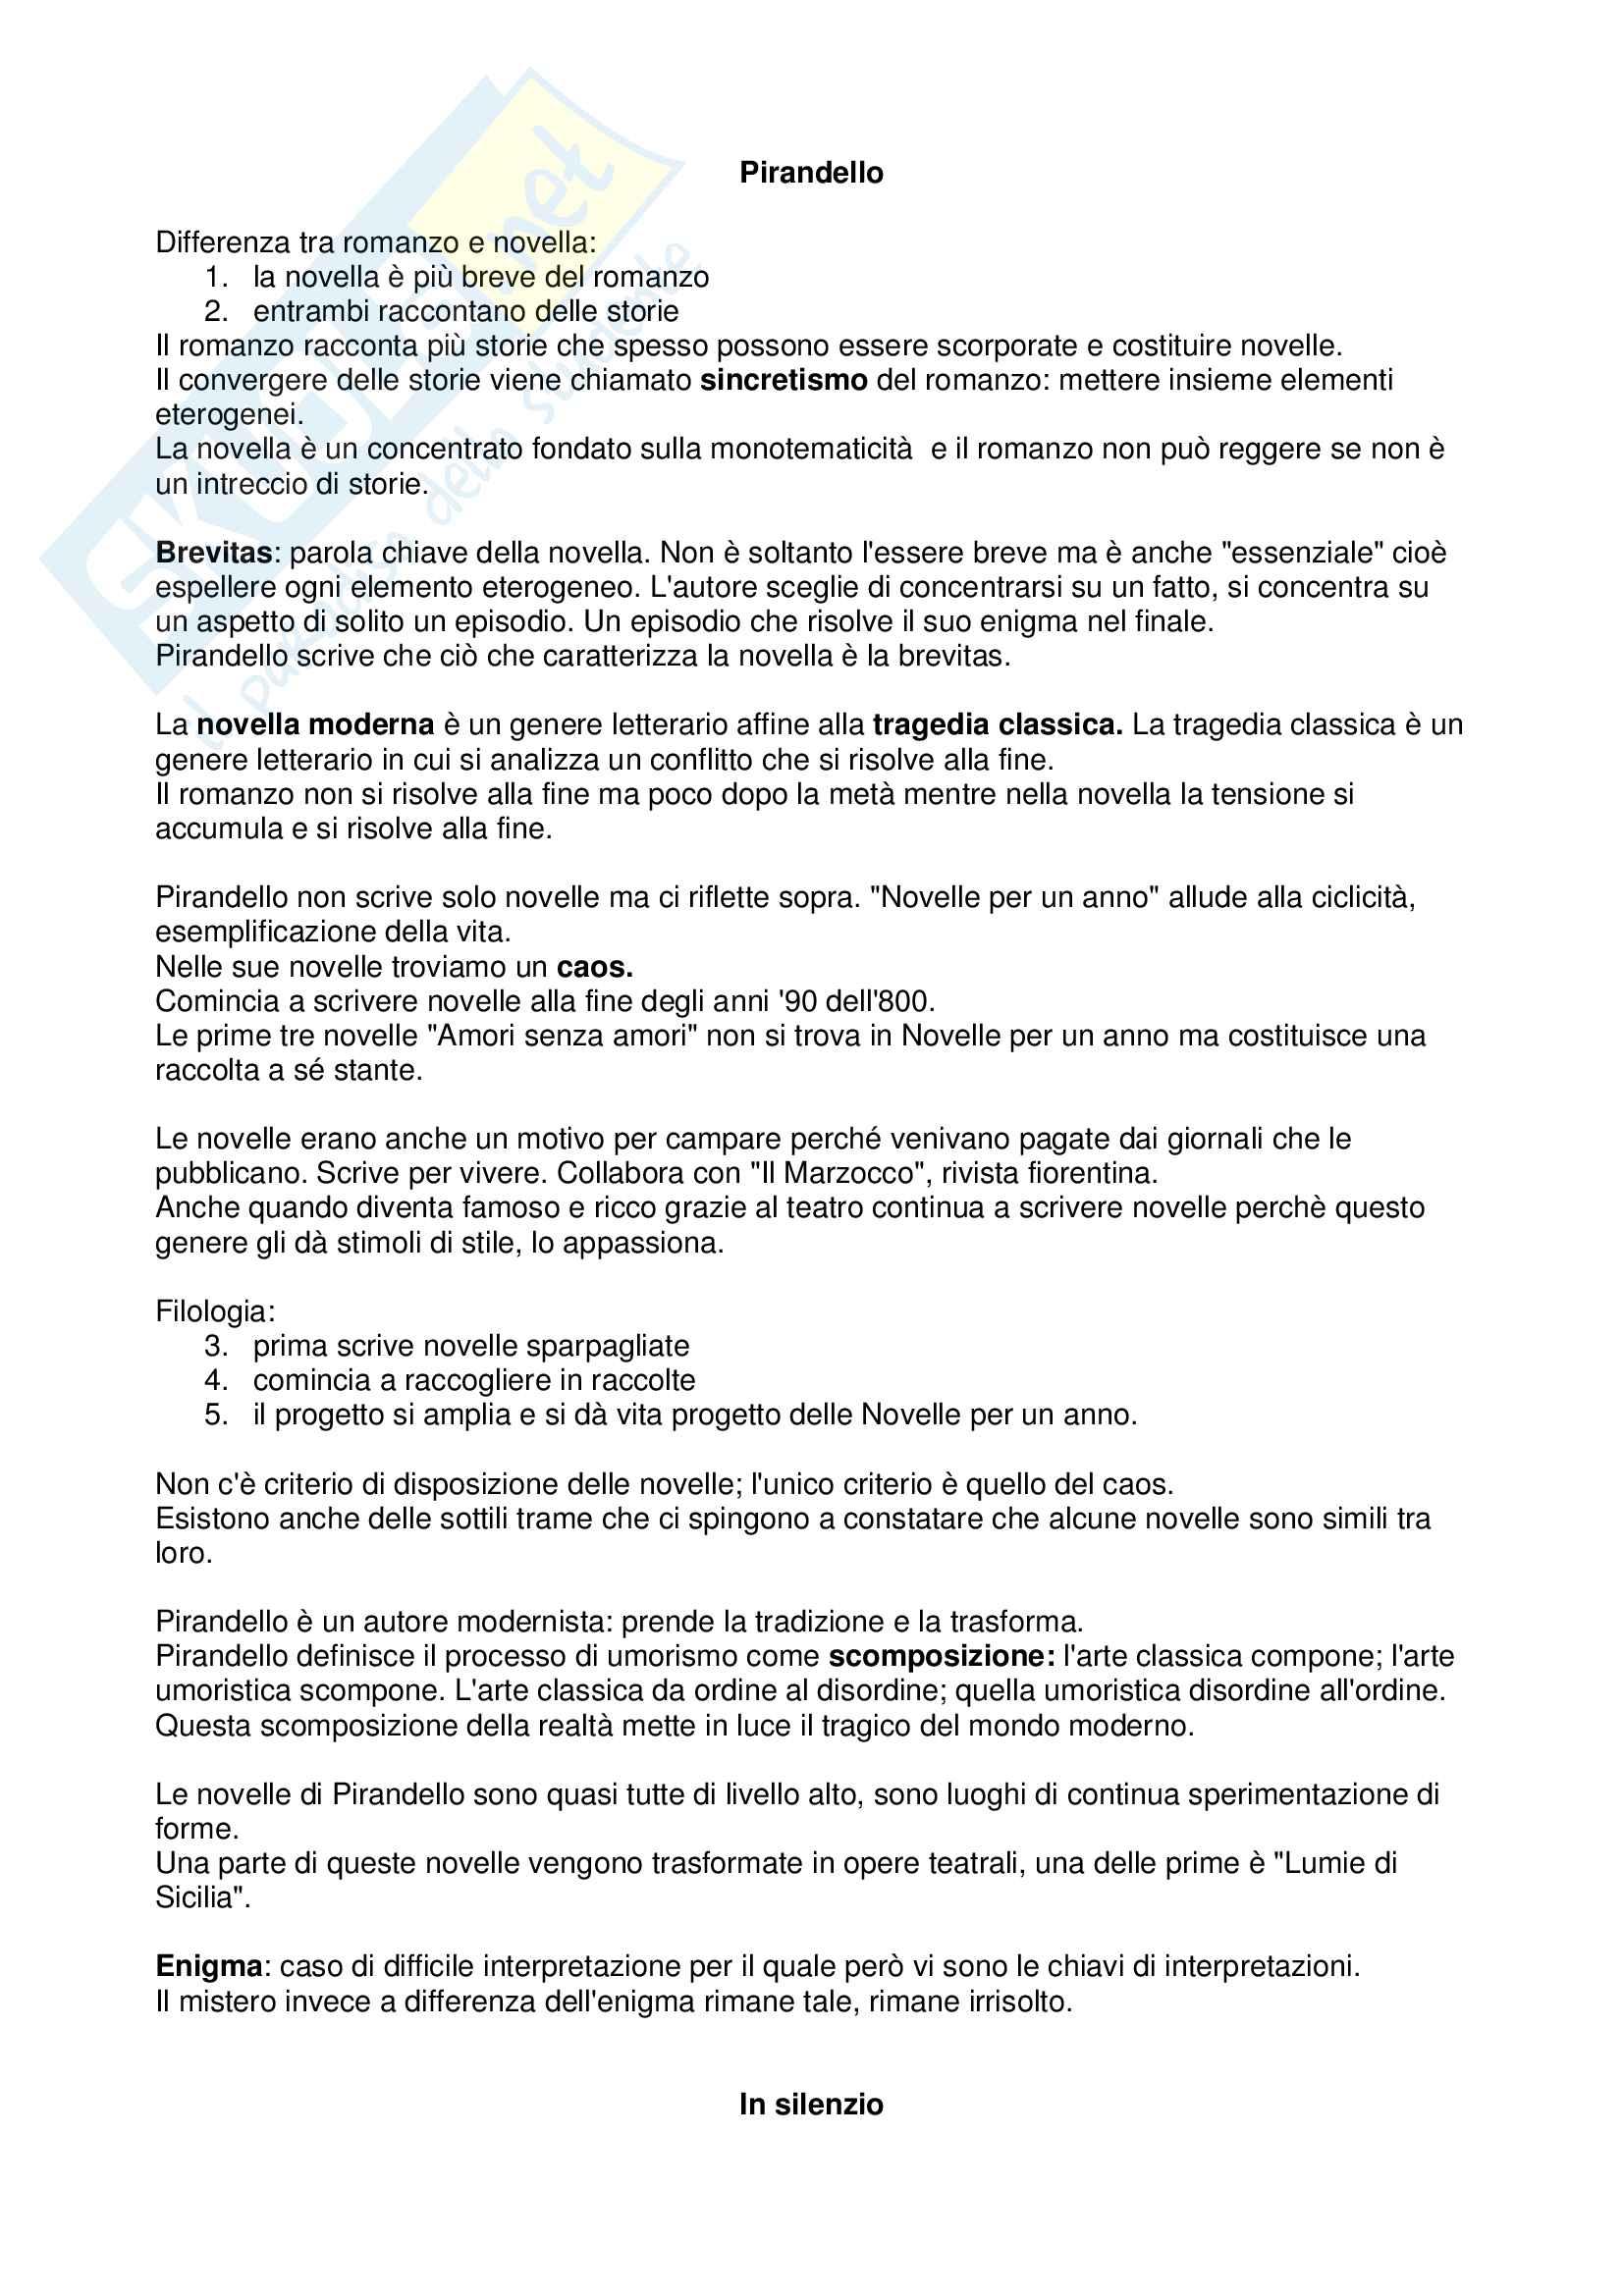 Riassunto esame Letteratura contemporanea, docente Rappazzo, libro consigliato In Silenzio, Pirandello